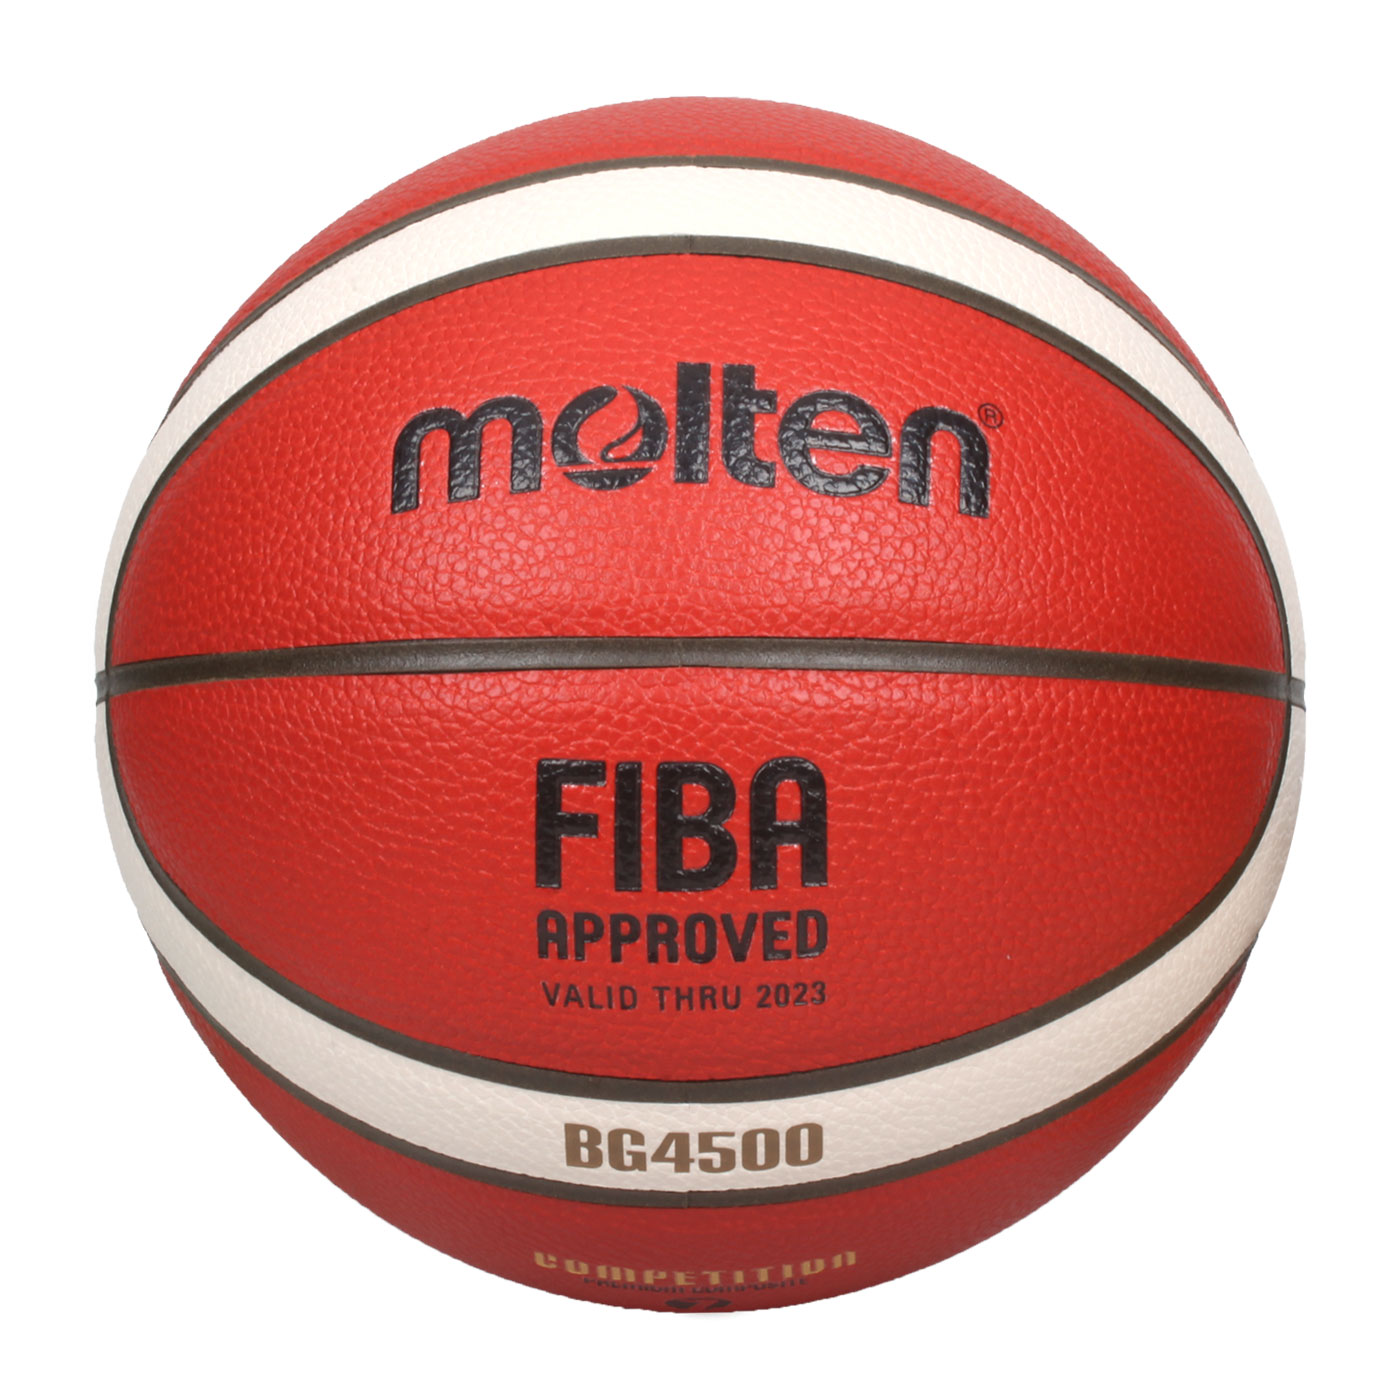 Molten #7合成皮超軟雙層12片貼籃球 B7G4500 - 橘咖啡米白